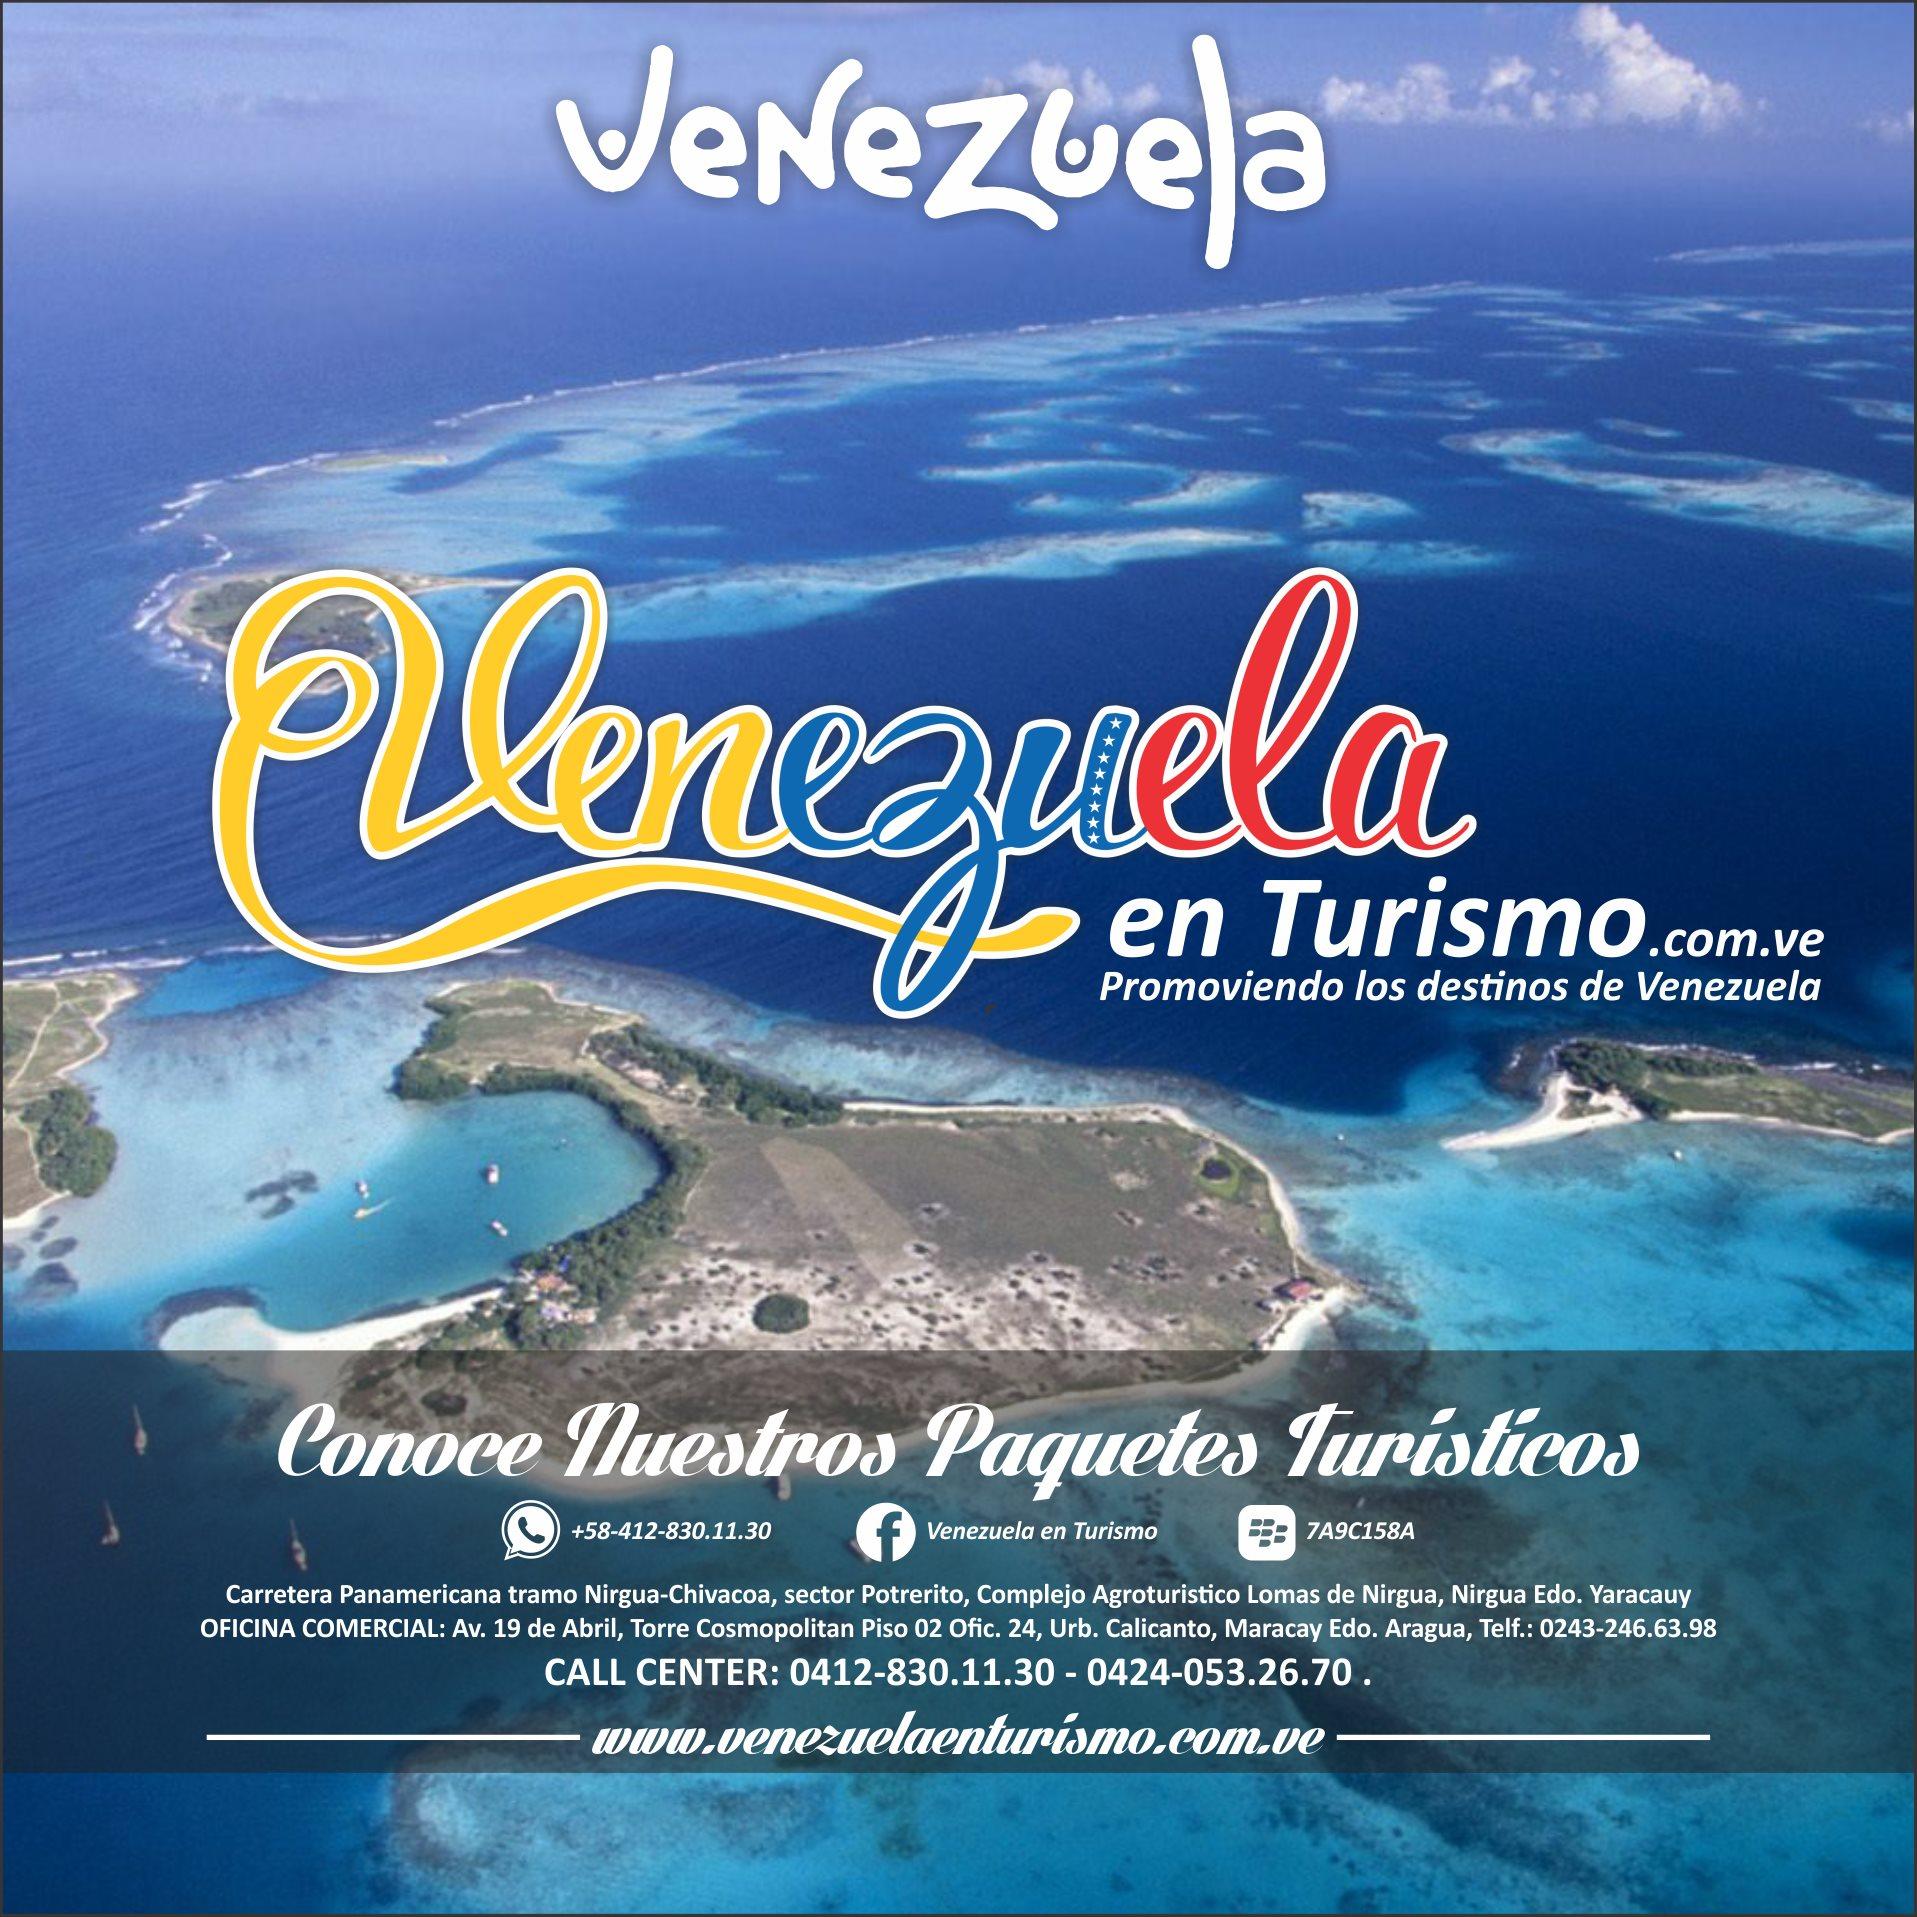 Venezuela En Turismo.com, c.a.